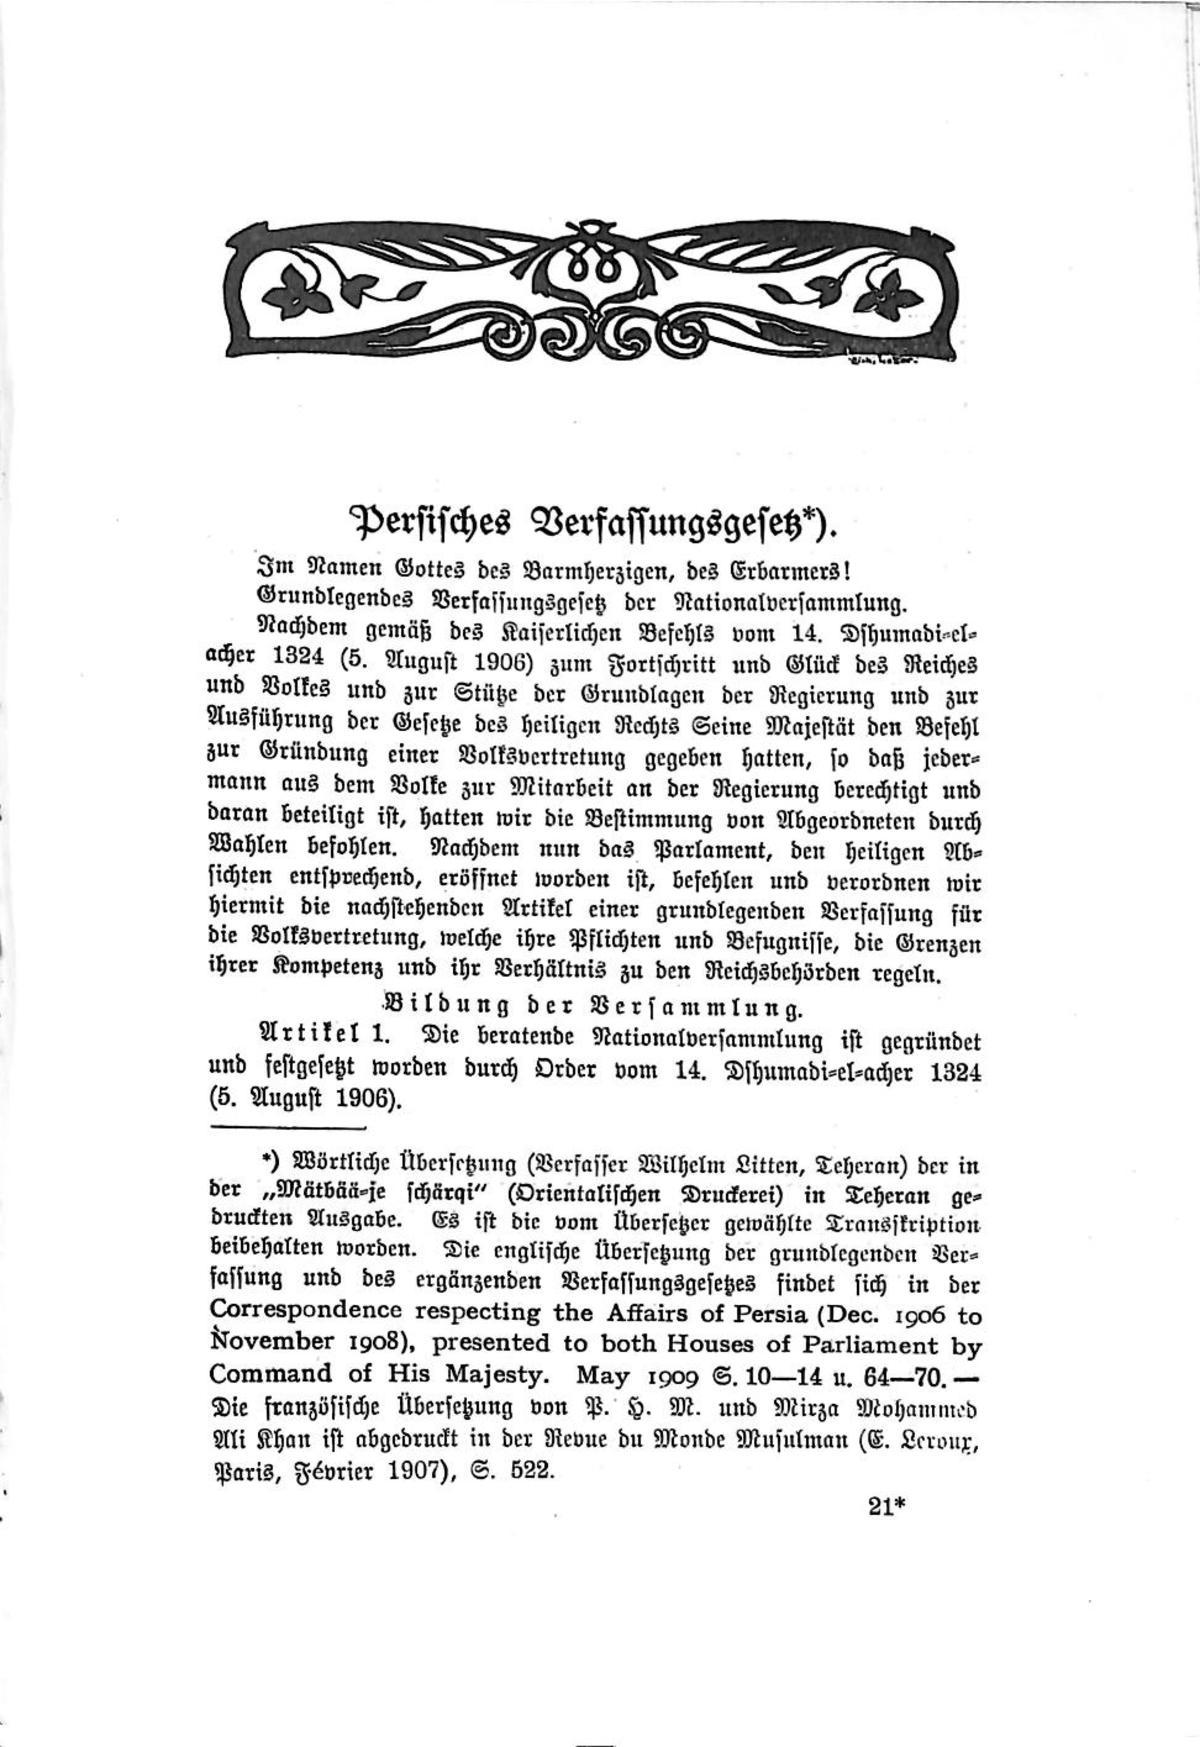 Schön Verfassung Arbeitsblatt Pdf Fotos - Super Lehrer ...